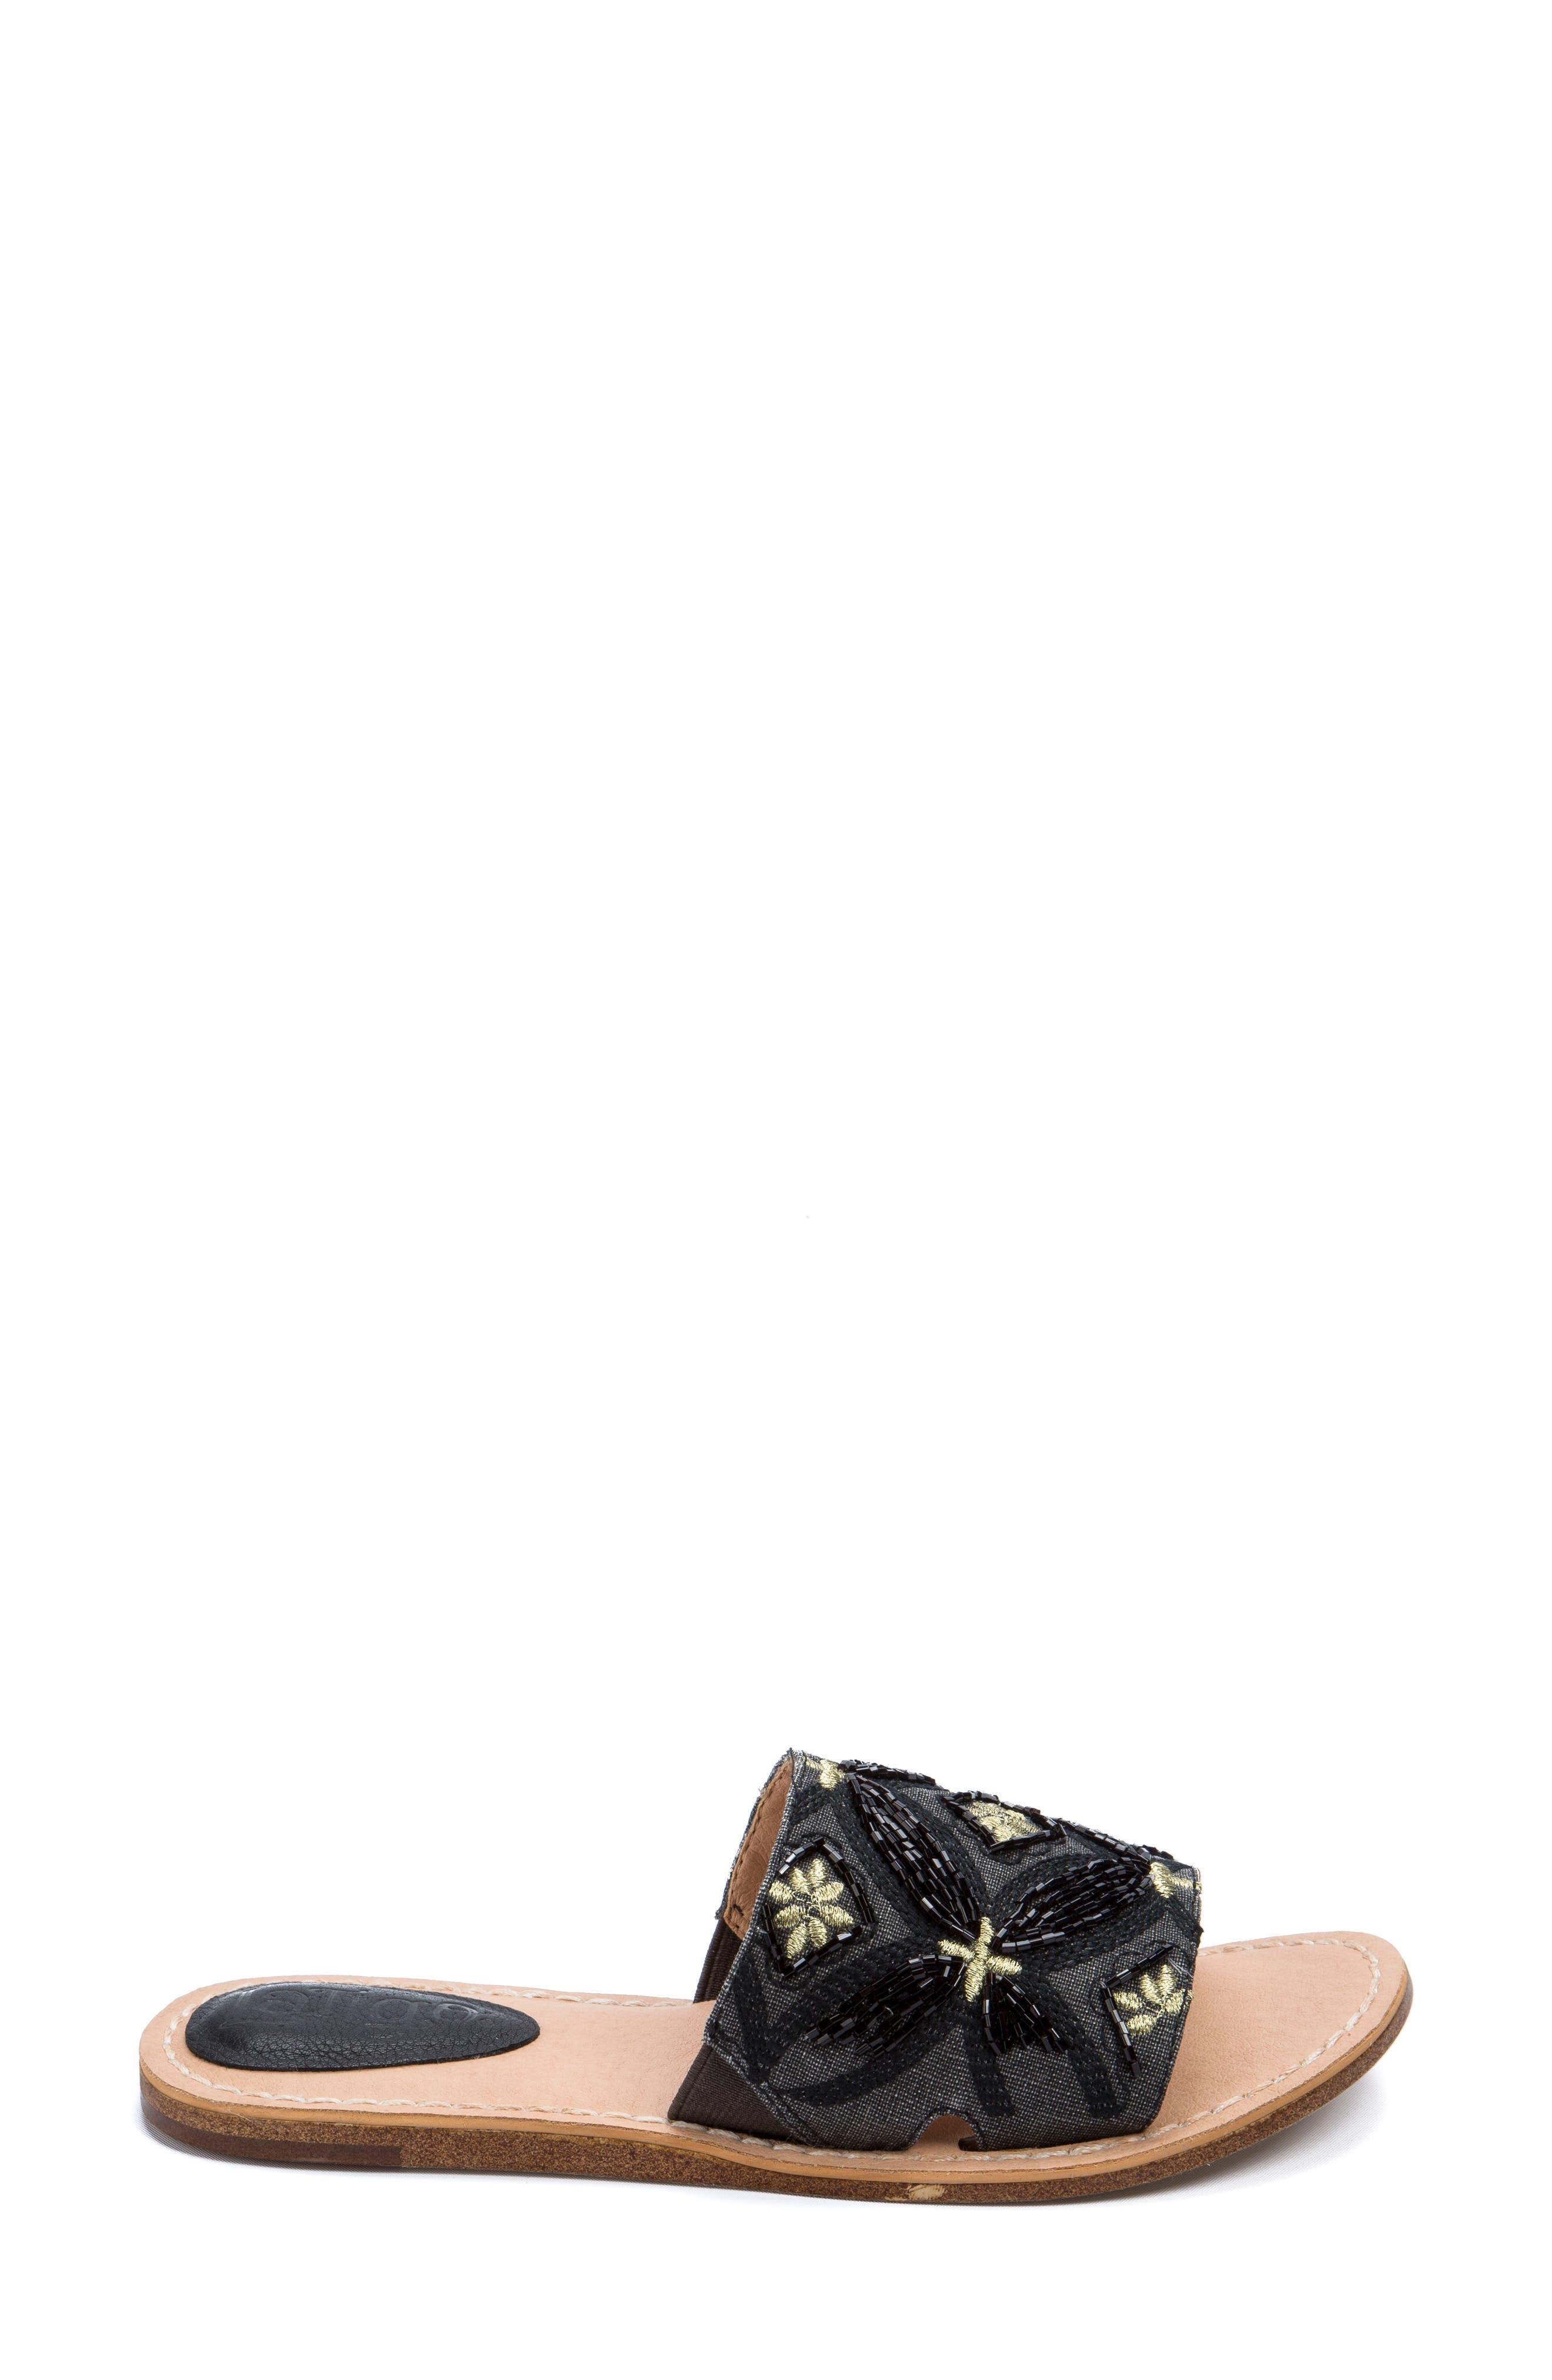 Vella Embellished Slide Sandal,                             Alternate thumbnail 3, color,                             001